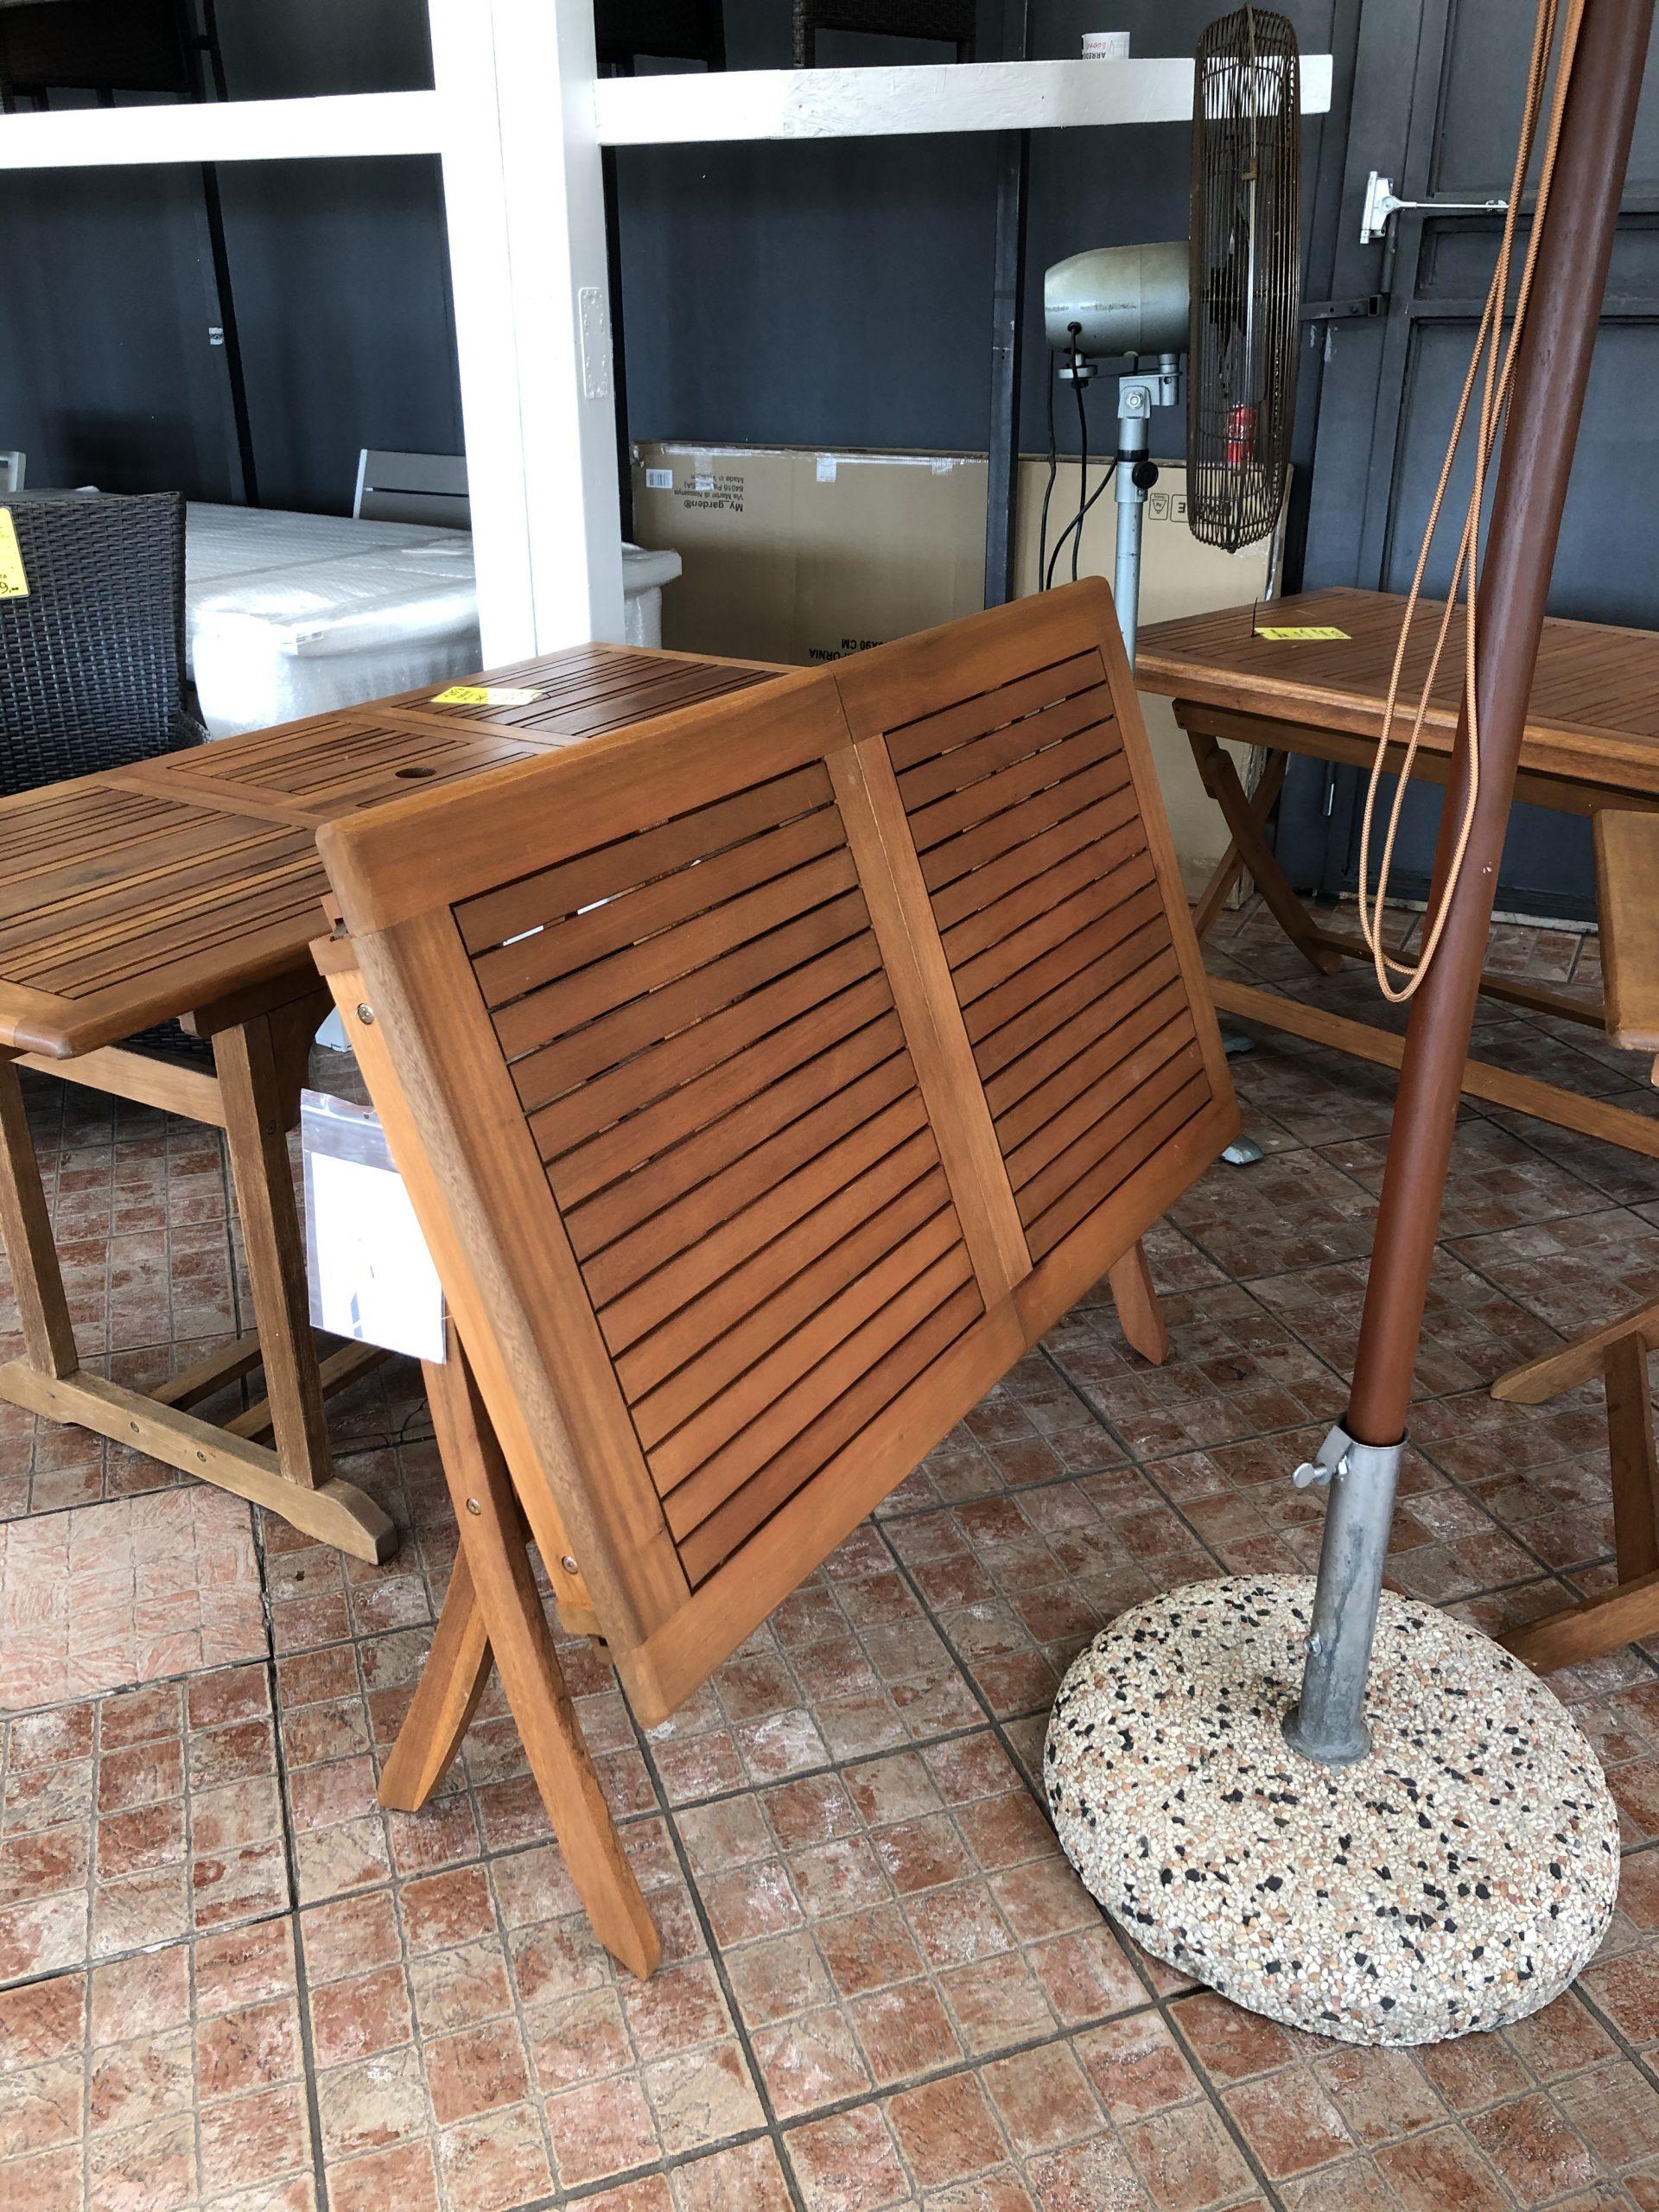 Tavoli Pieghevoli Allungabili Per Esterno.Tavolo Pieghevole Da Giardino Allungabile 120x70cm Pignataro Shop